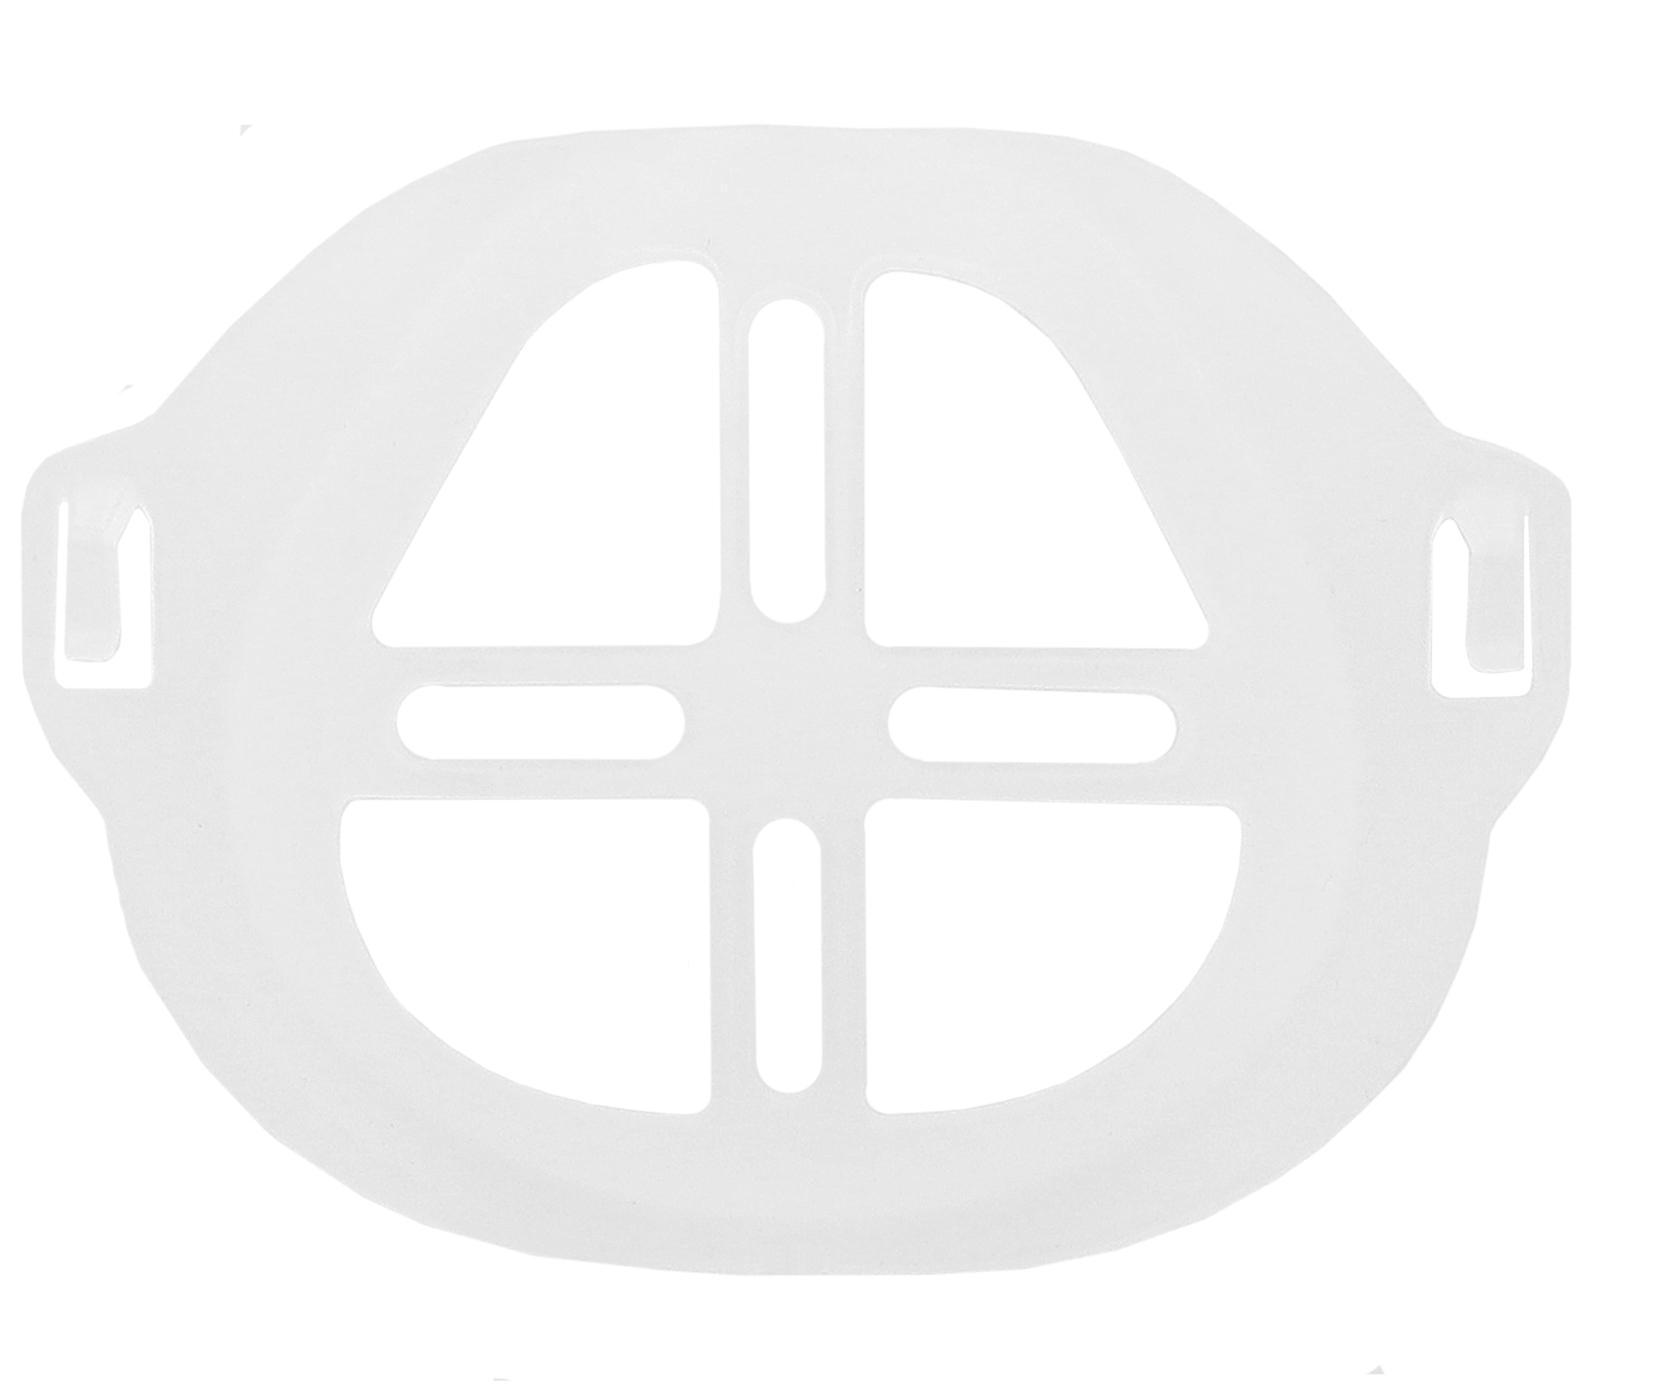 Indexbild 161 - Kinder Schlauchschal Maske Gesichtsmaske Mund Nase Bedeckung Halstuch waschbar